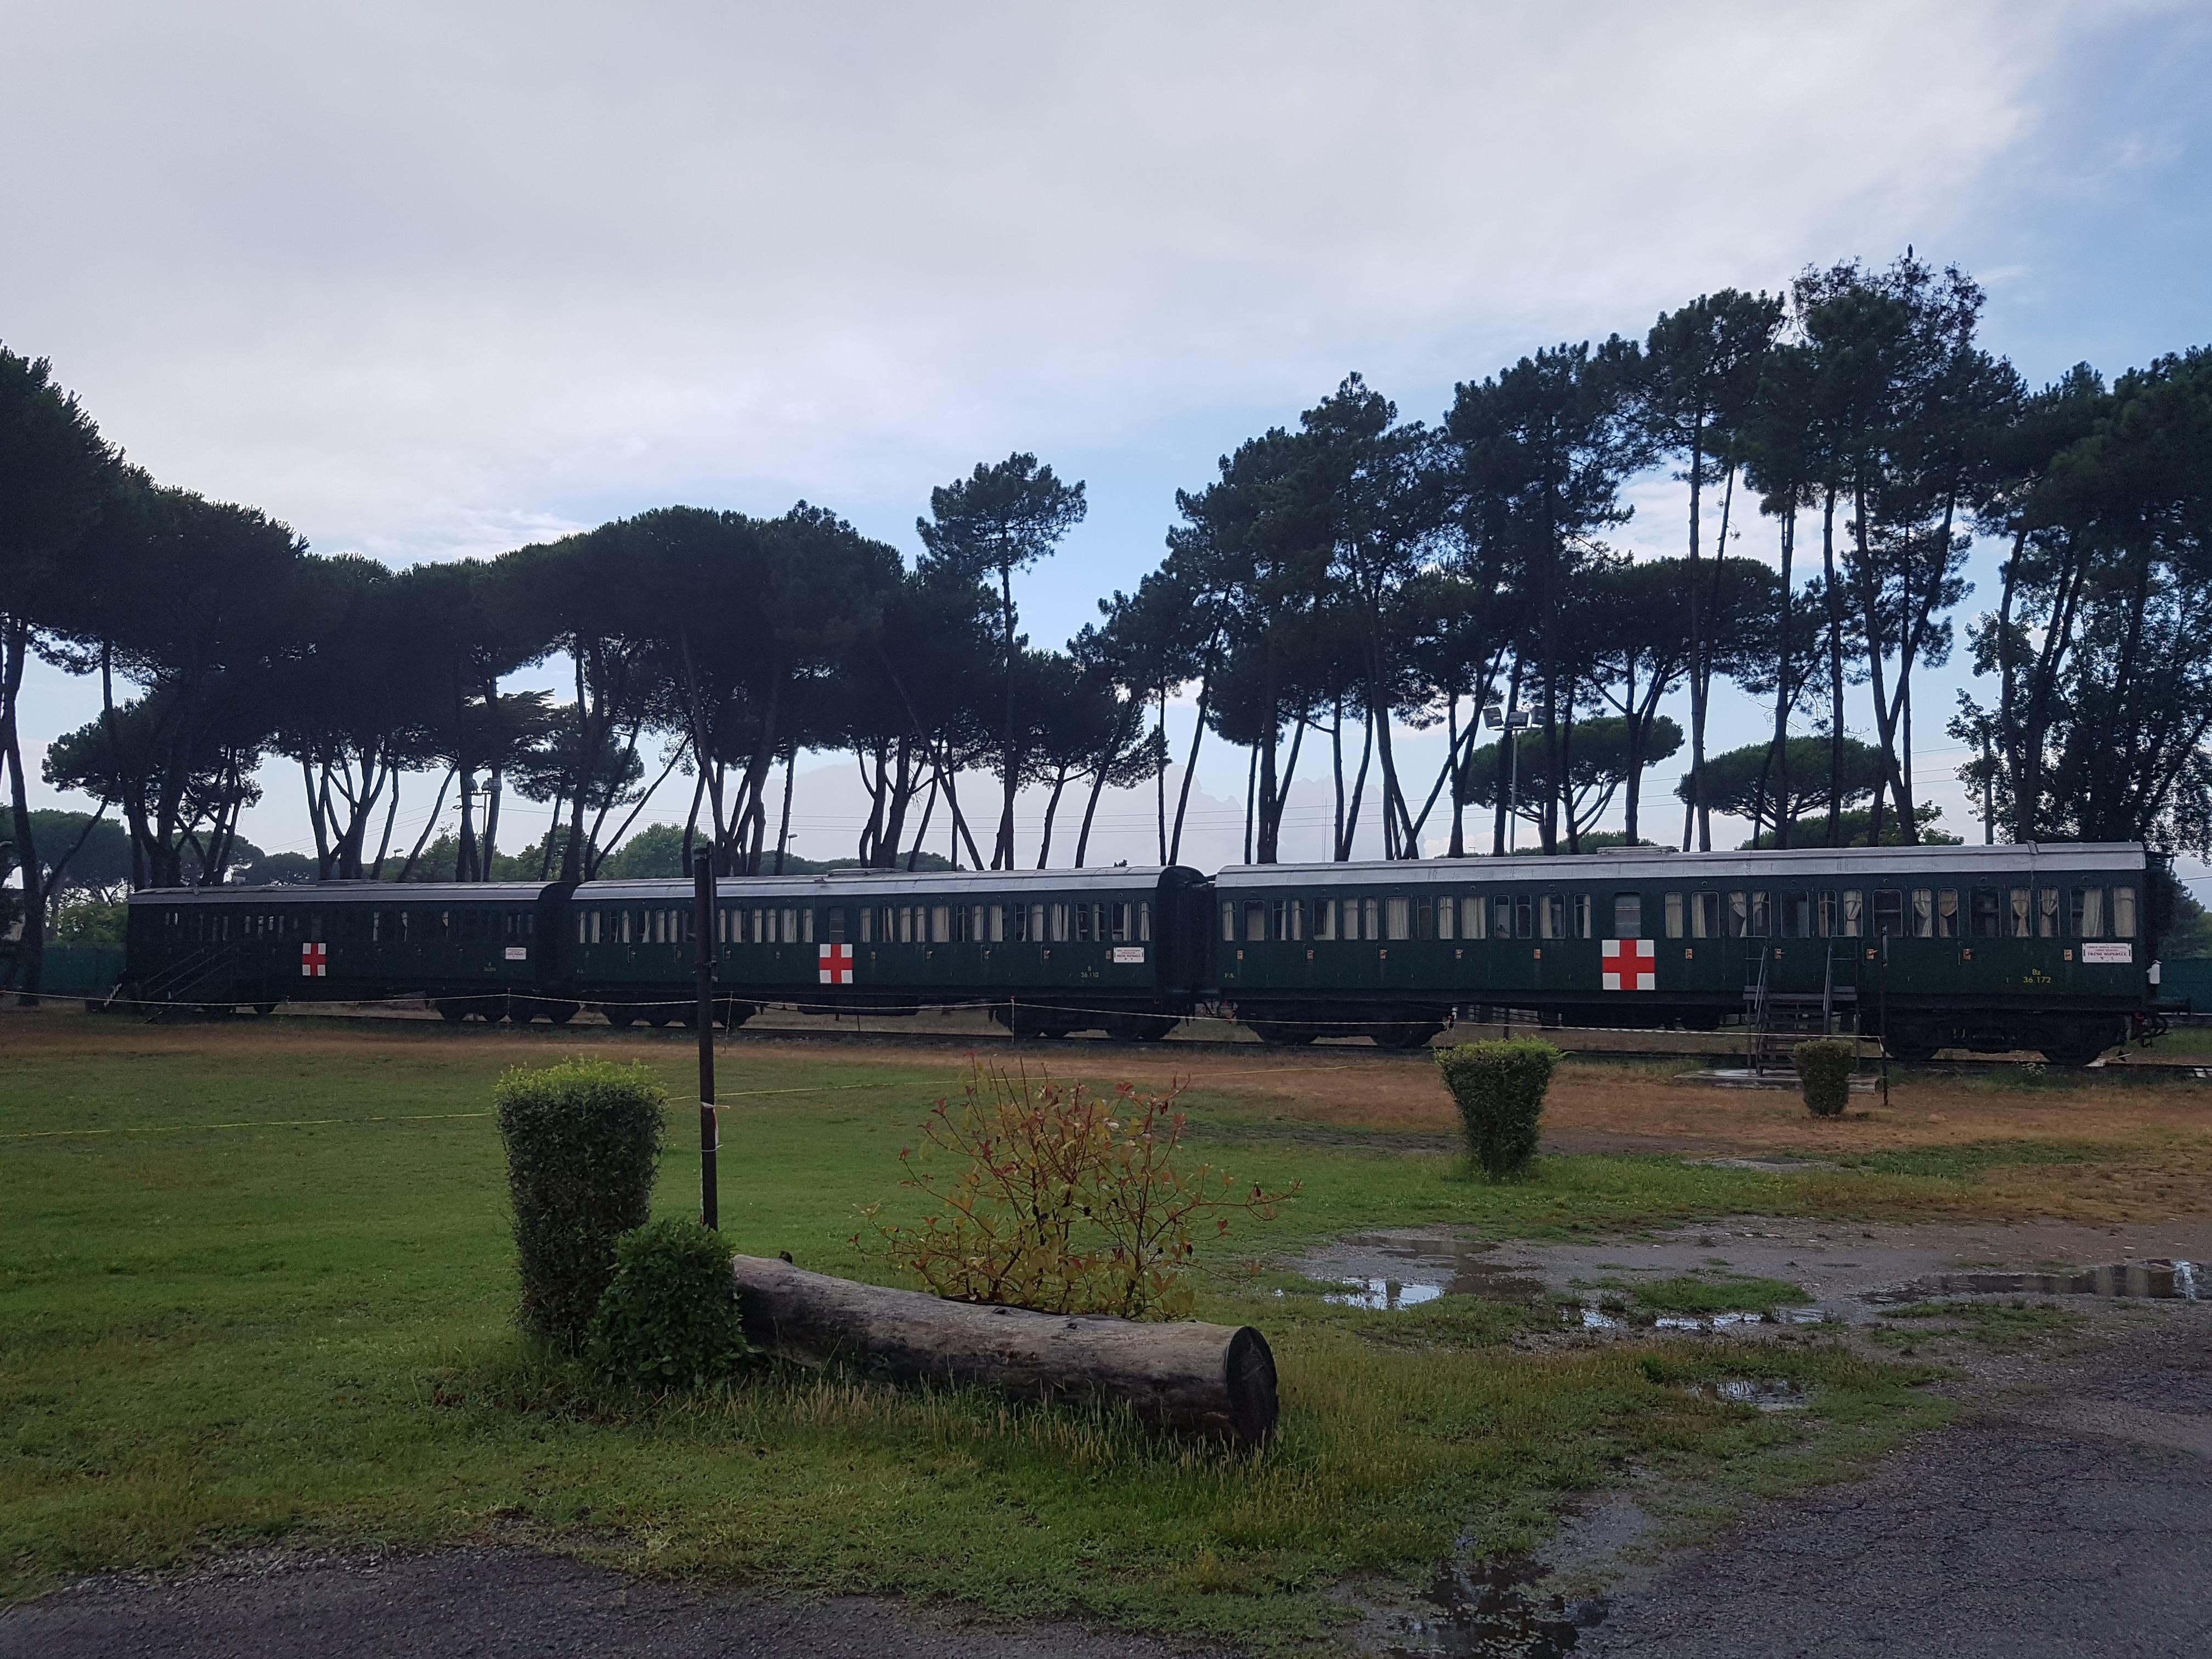 croce-rossa-italiana-corpo-militare-volontario-centro-nazionale-formazione-addestrame_82197